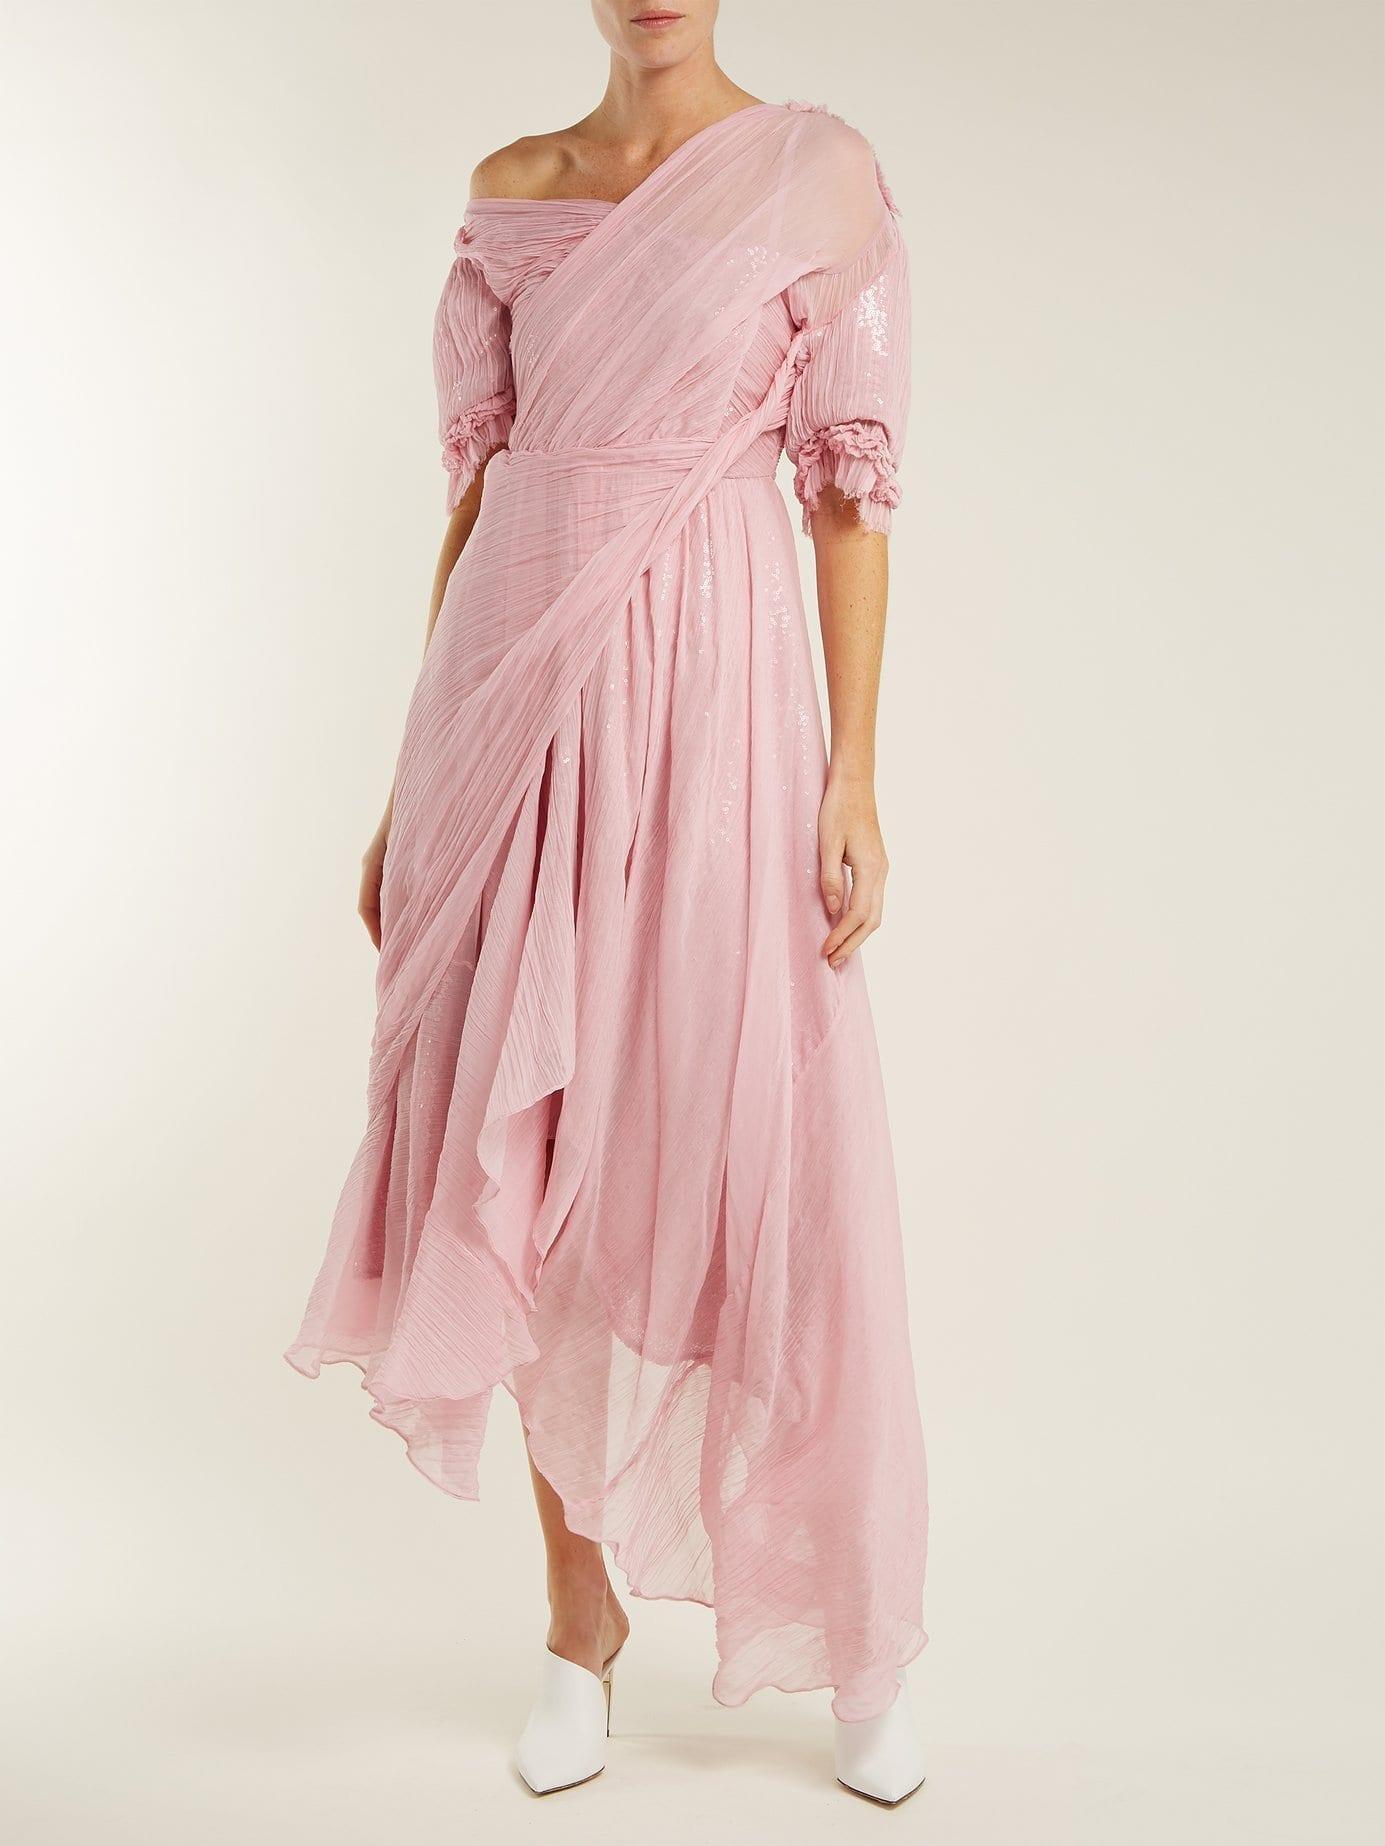 ea2656c5e0d PREEN BY THORNTON BREGAZZI Moira Asymmetric Silk Chiffon Pink Dress